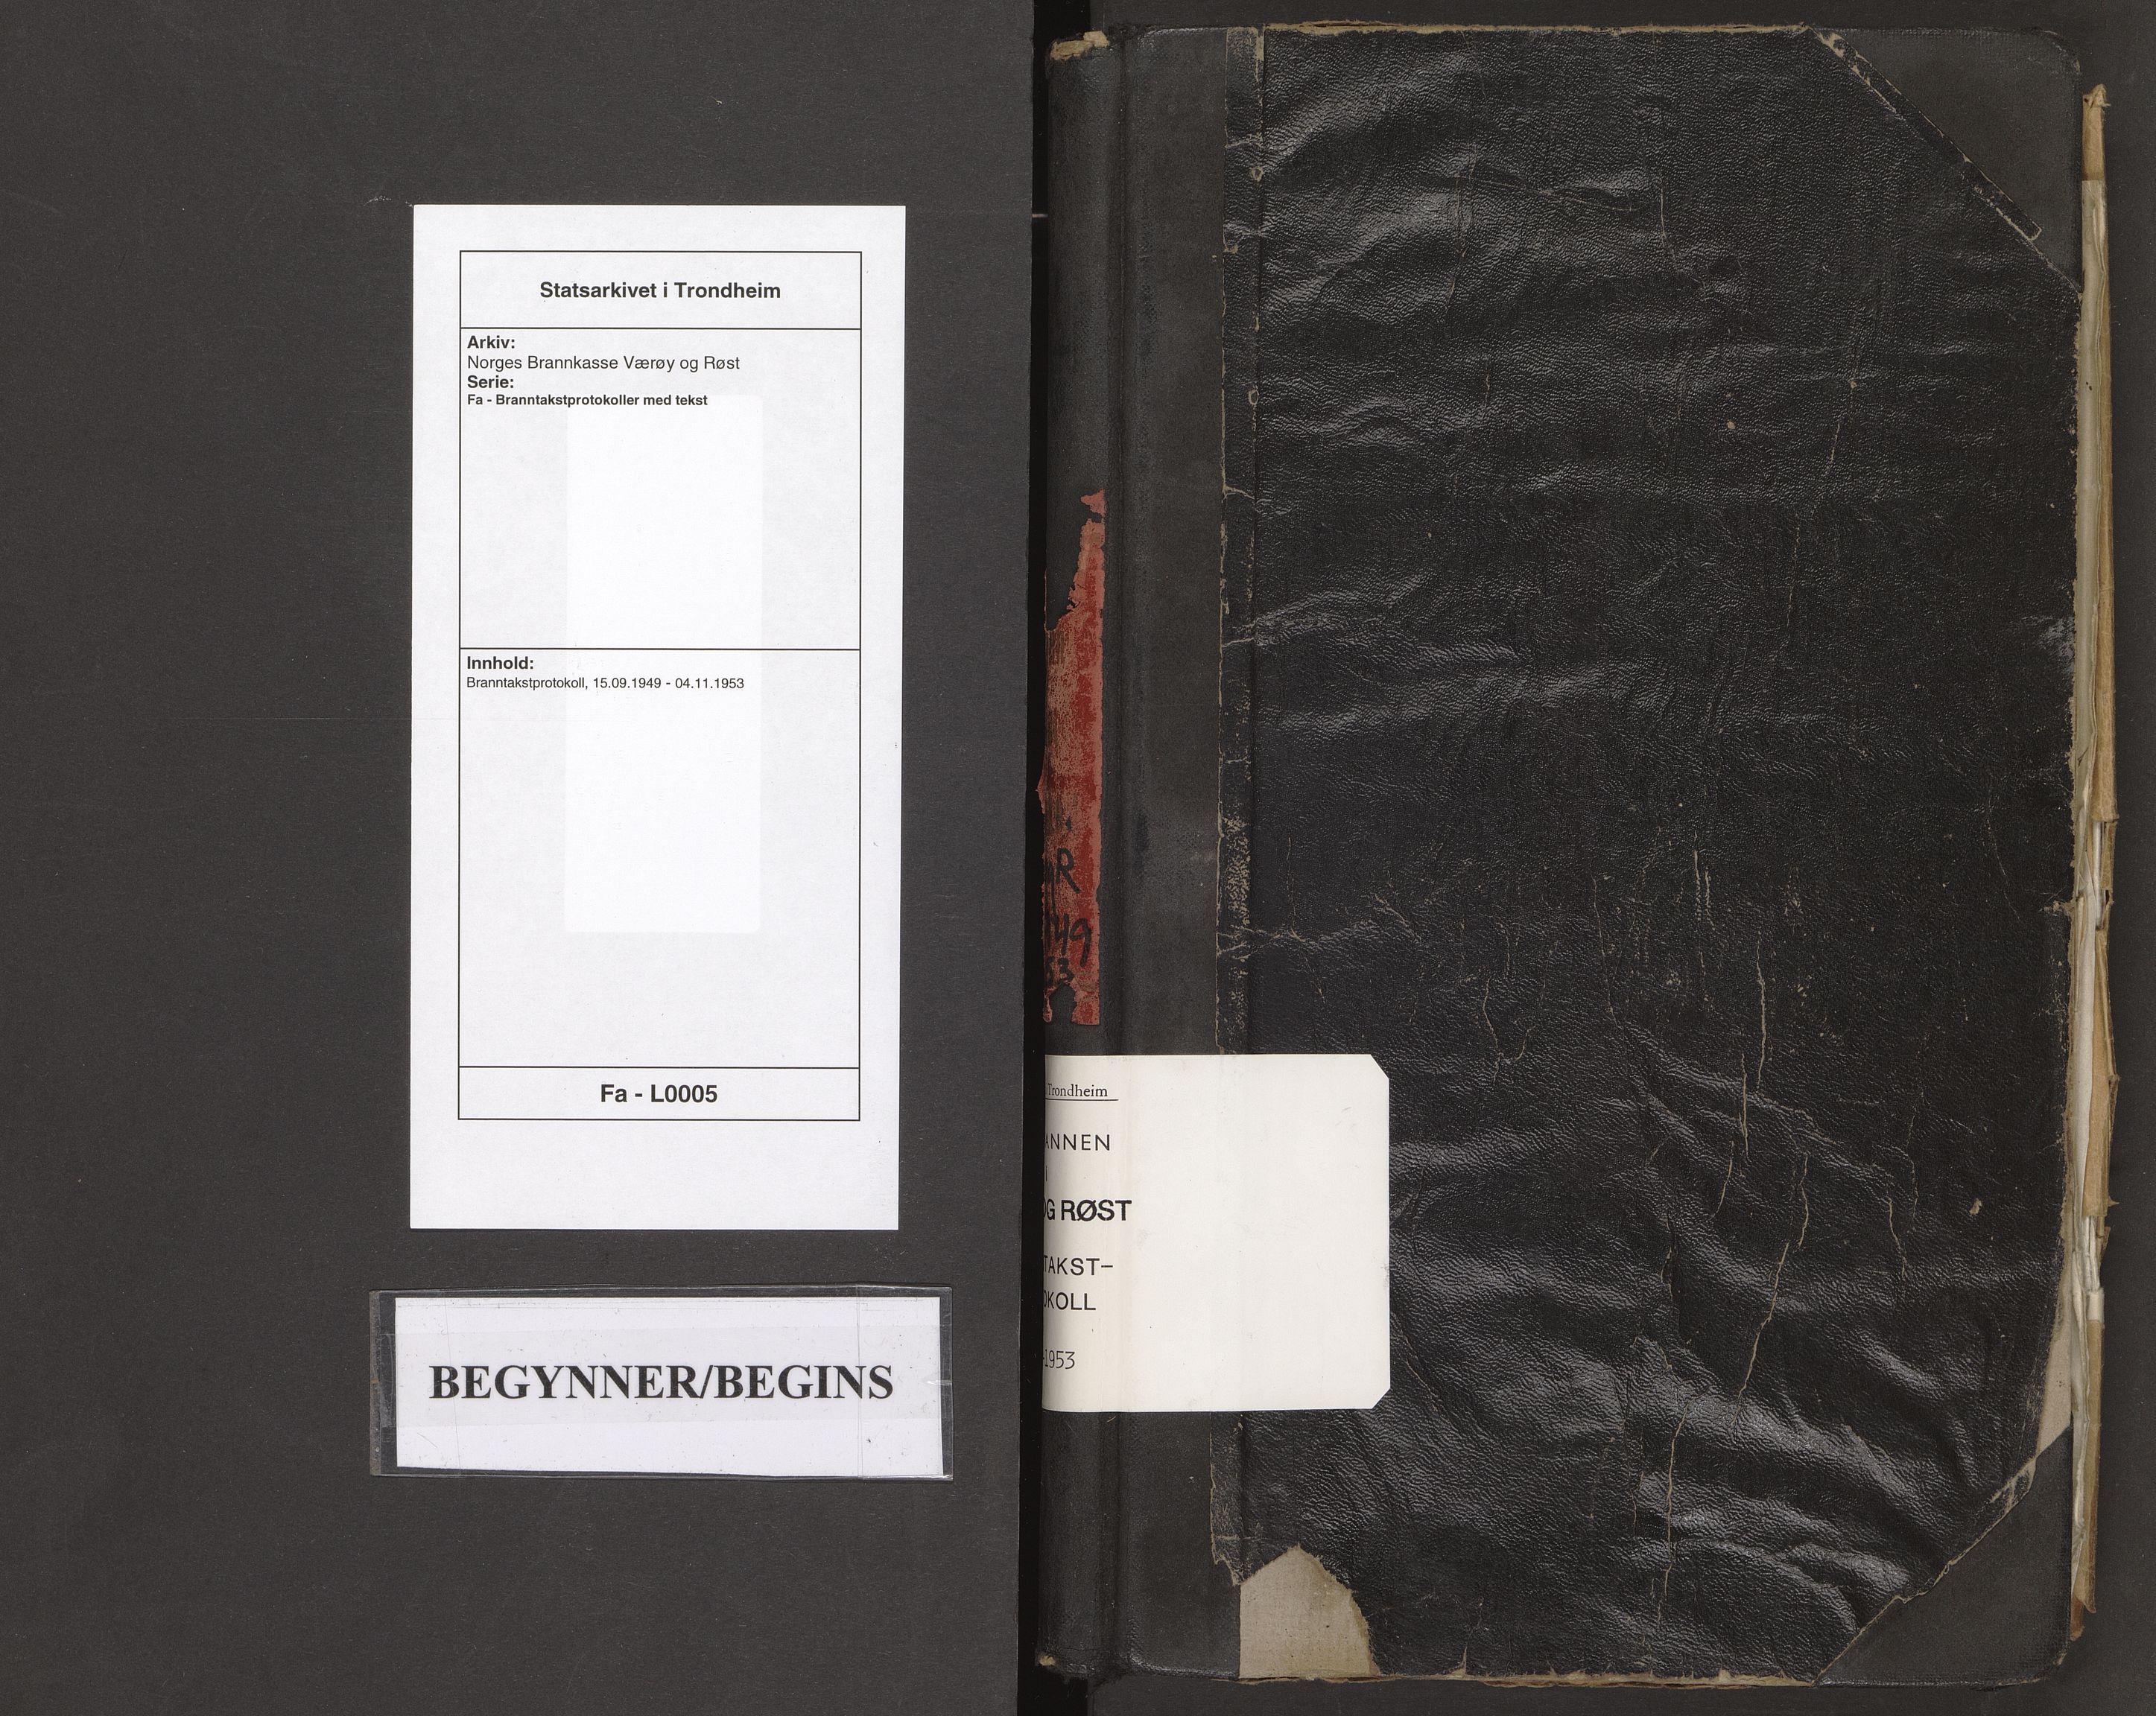 SAT, Norges Brannkasse Værøy og Røst, Fa/L0005: Branntakstprotokoll, 1943-1949